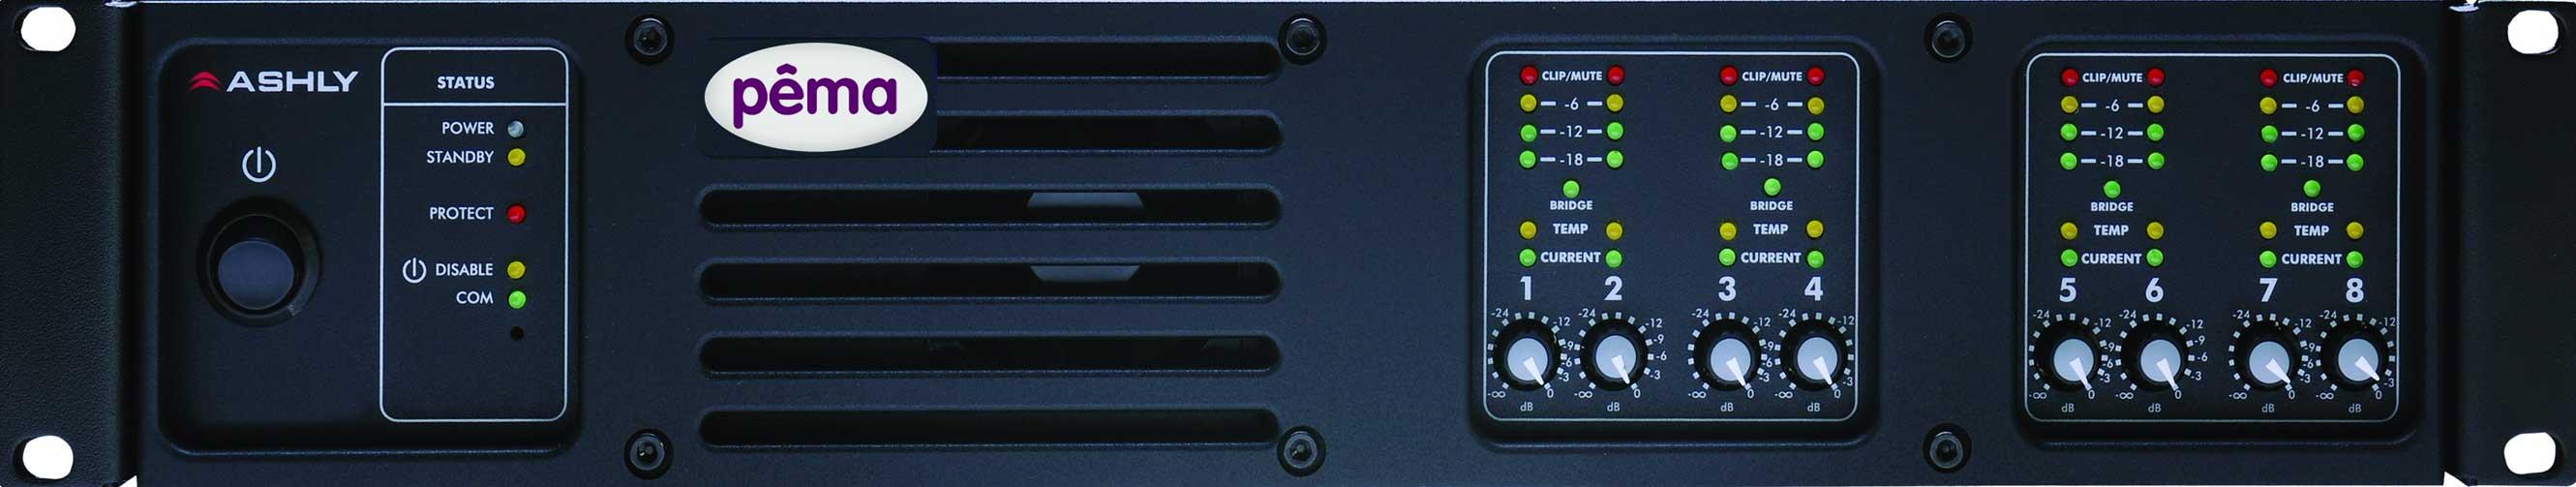 Power Amplifier, 8x125W @ 4 Ohm, w/8x8 DSP Matrix, CobraNet Added